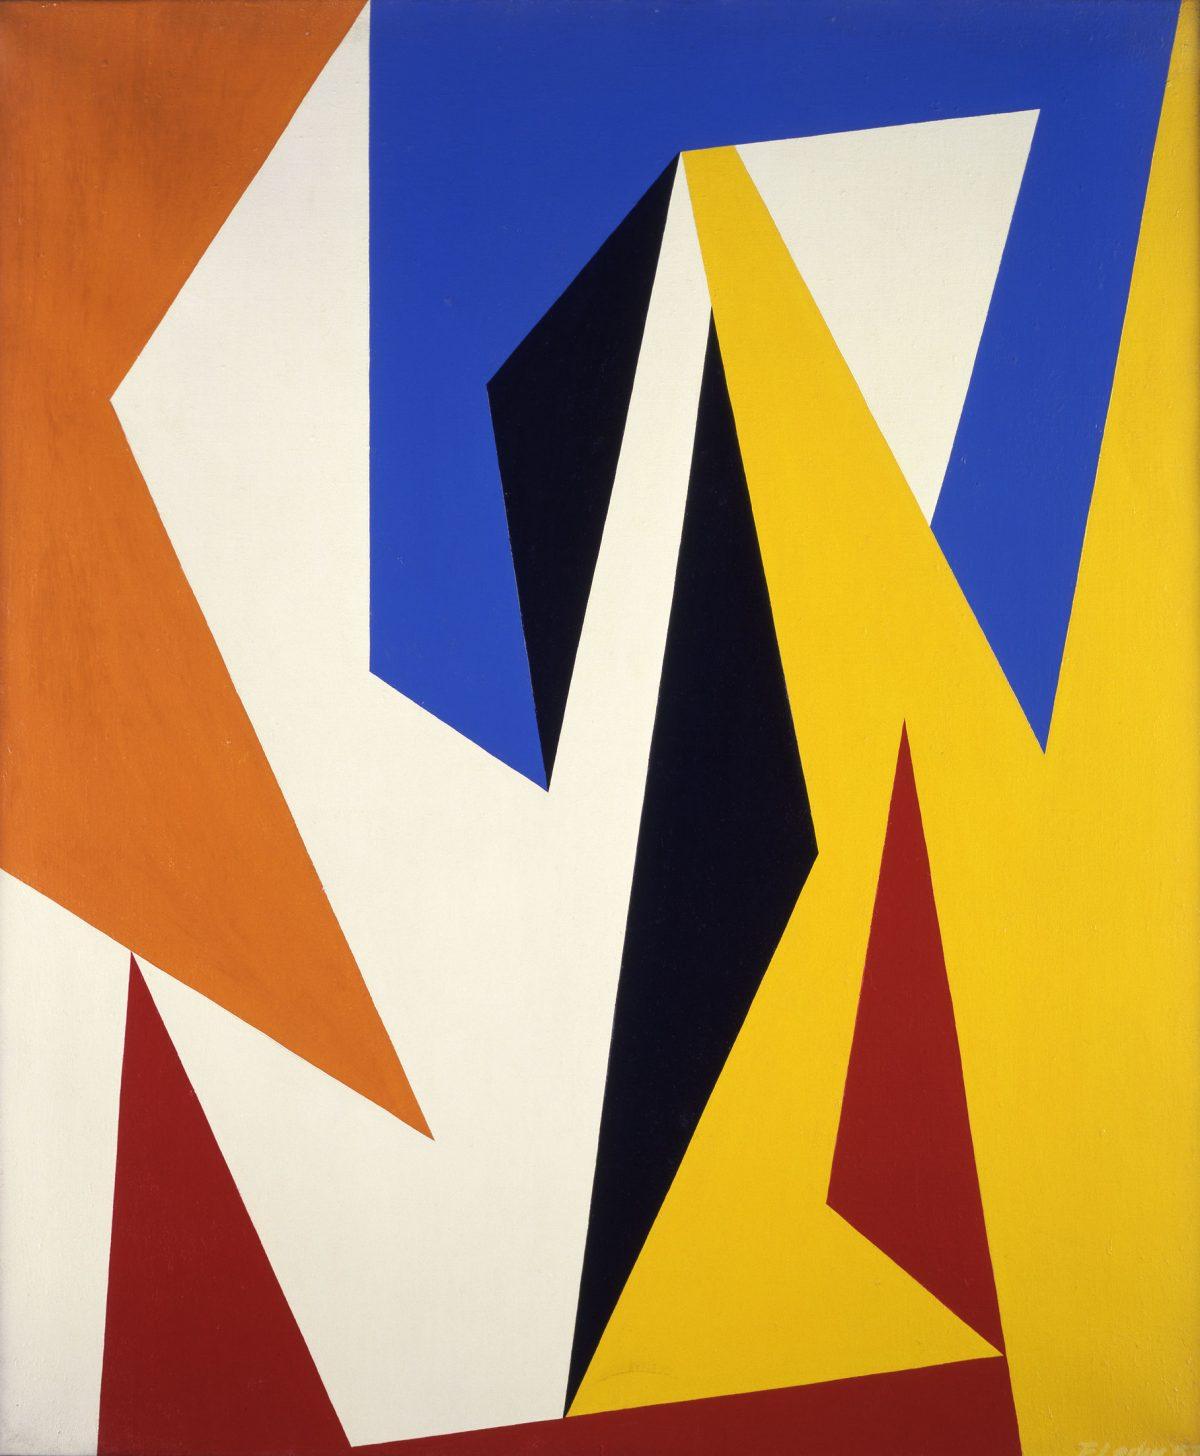 Delta, 1957, Fernand Leduc, Huile sur toile.